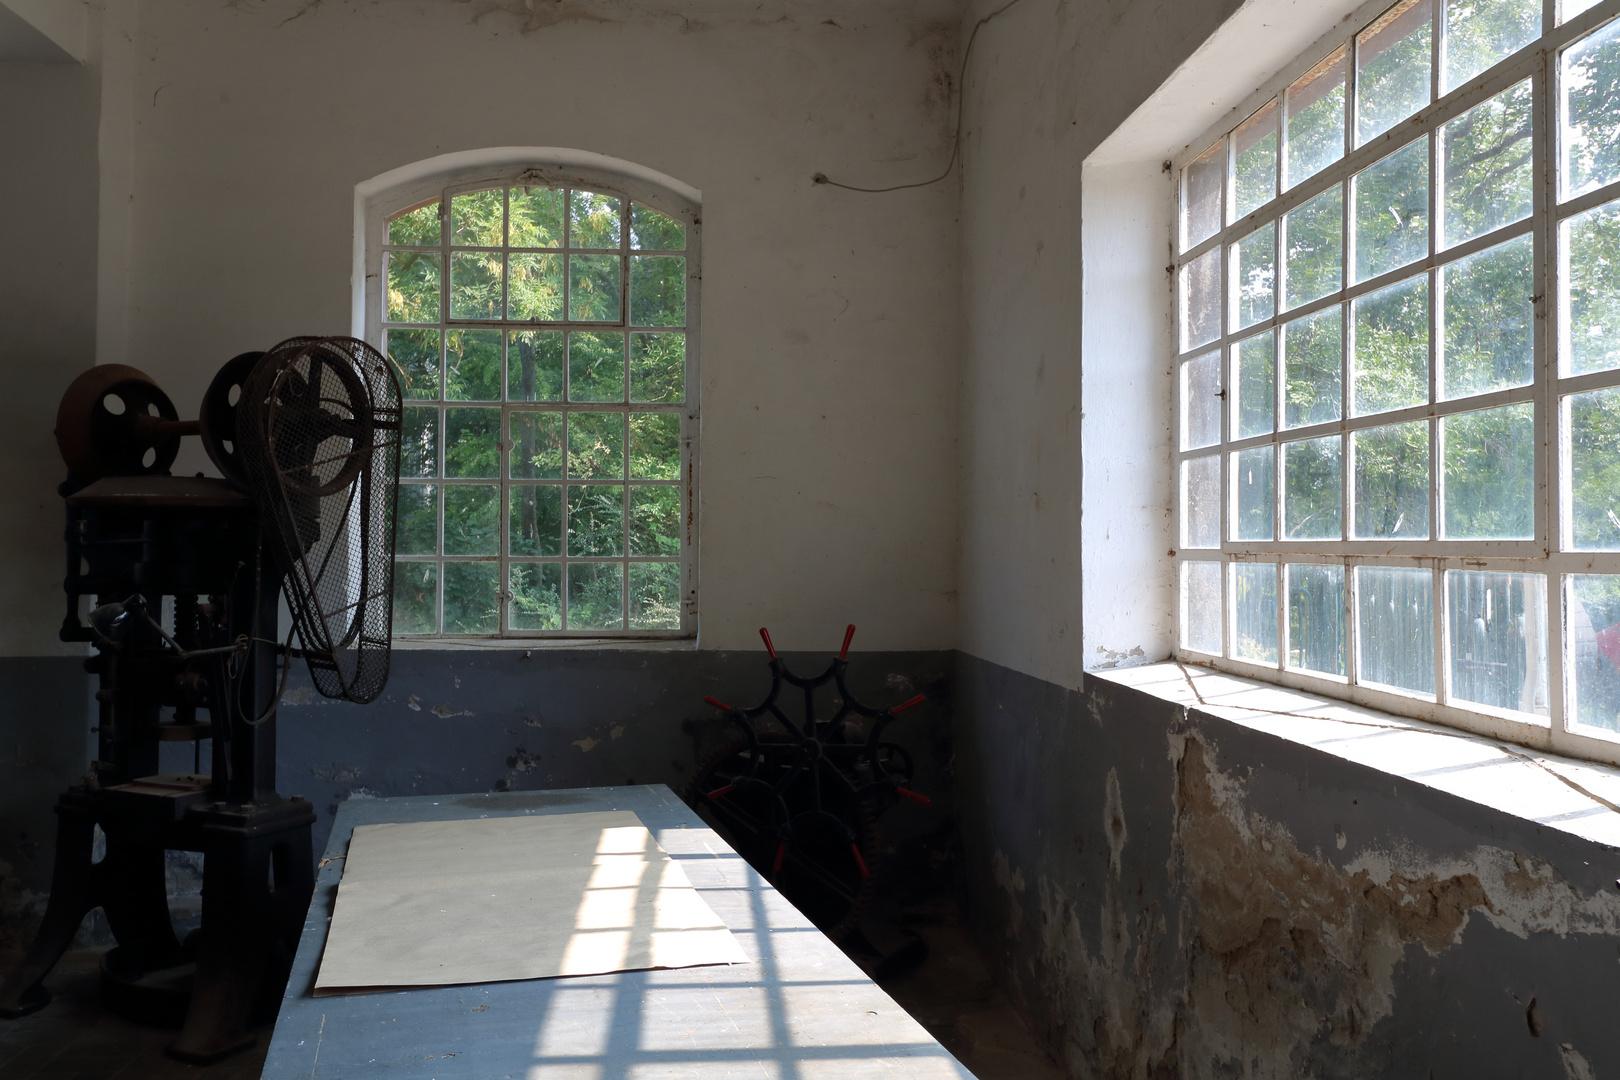 Fensterkontruktion / Fensterarchitektur